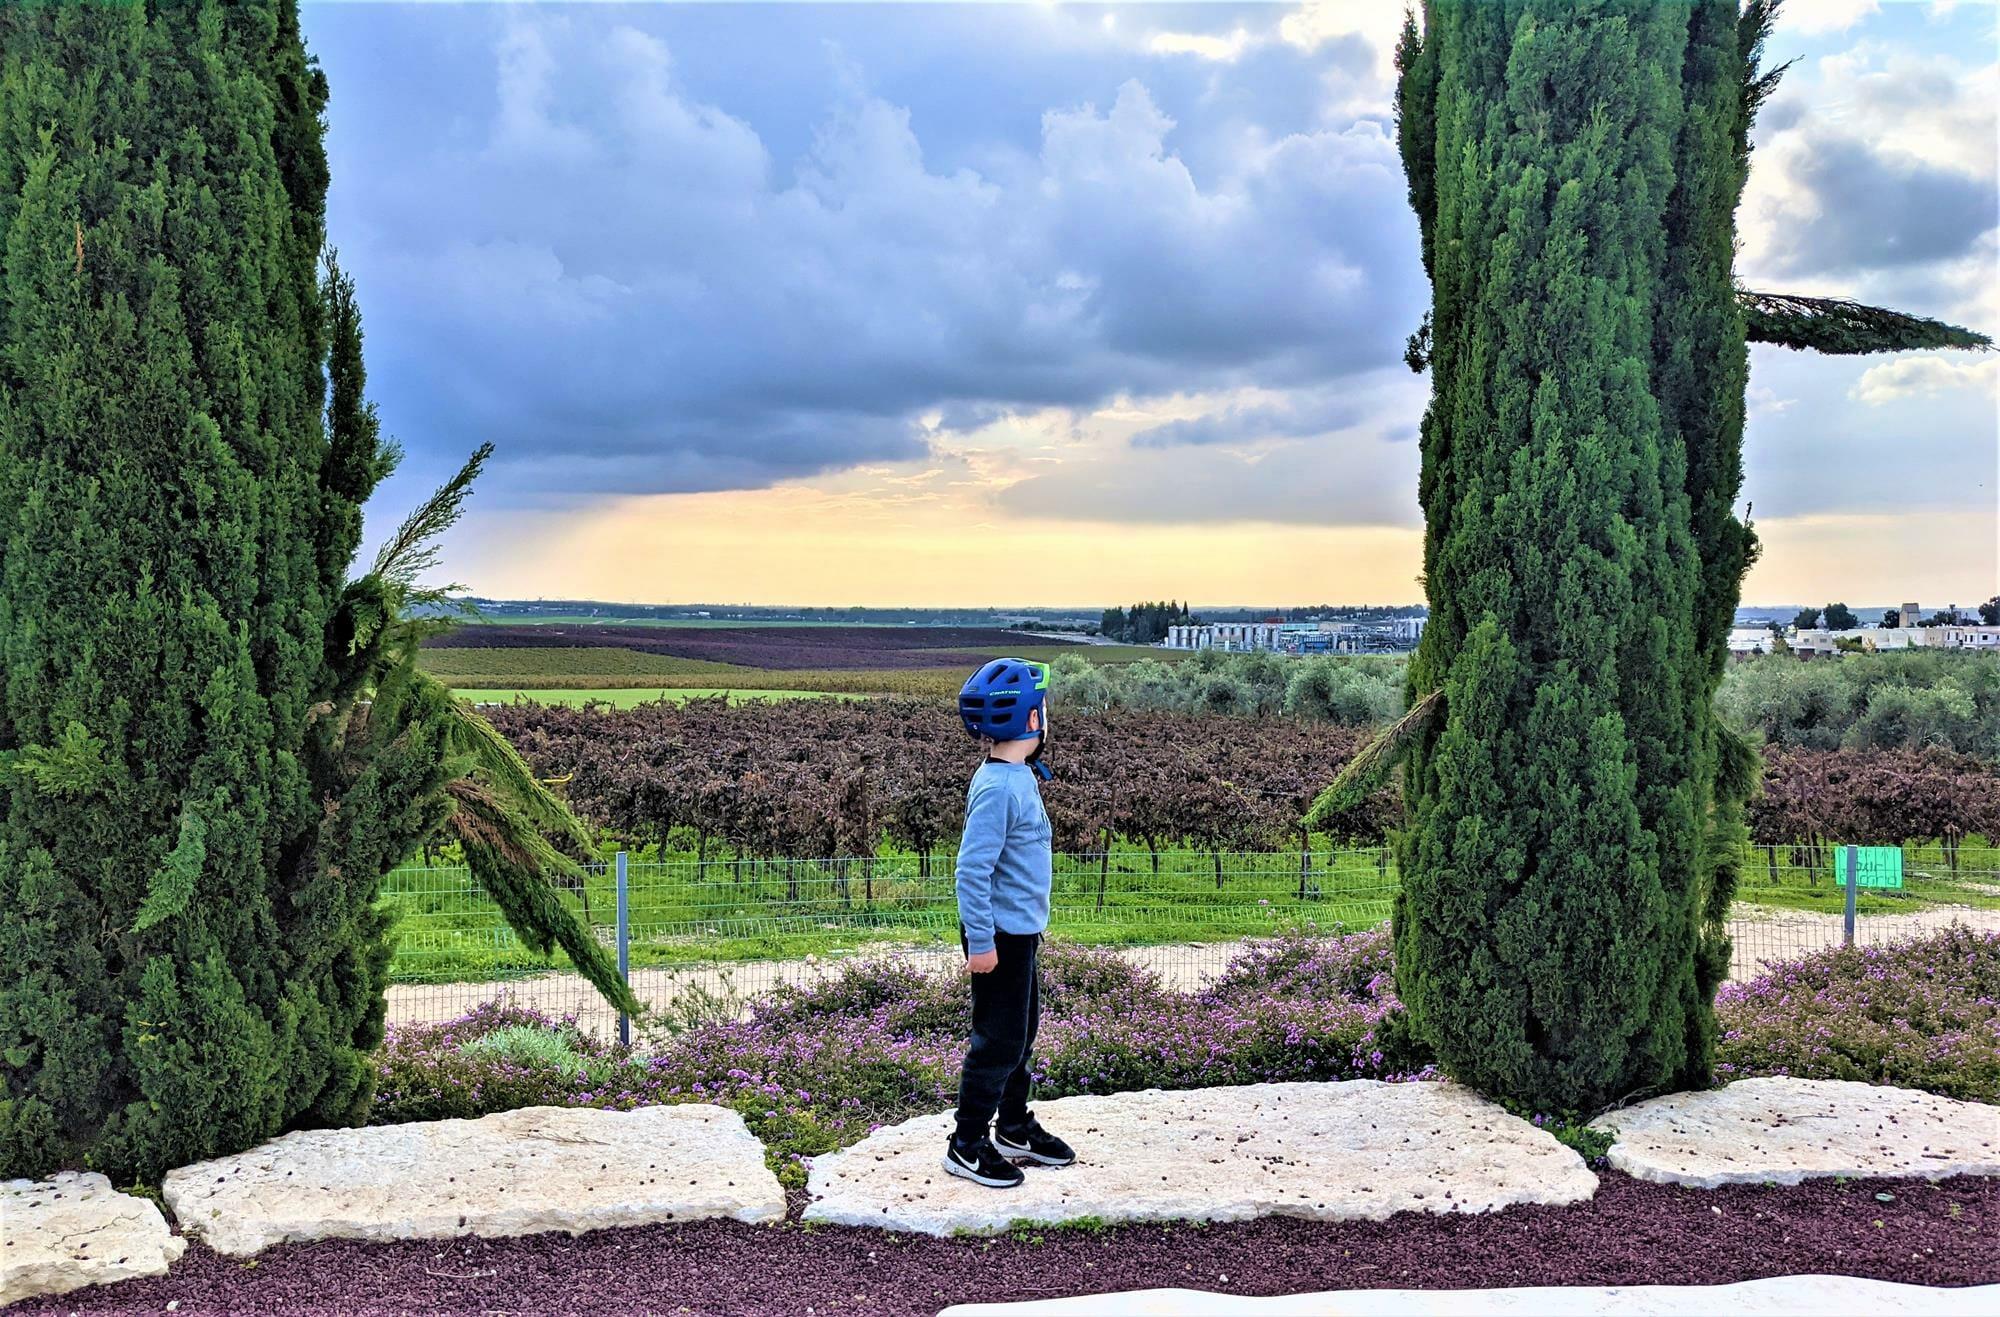 """אנדרטת טל צמח חולדה, סובב גזר, כרמים ונופים, מסלולי אופניים עם ילדים, לצד יער חולדה, צילום: ד""""ר ענת אביטל"""